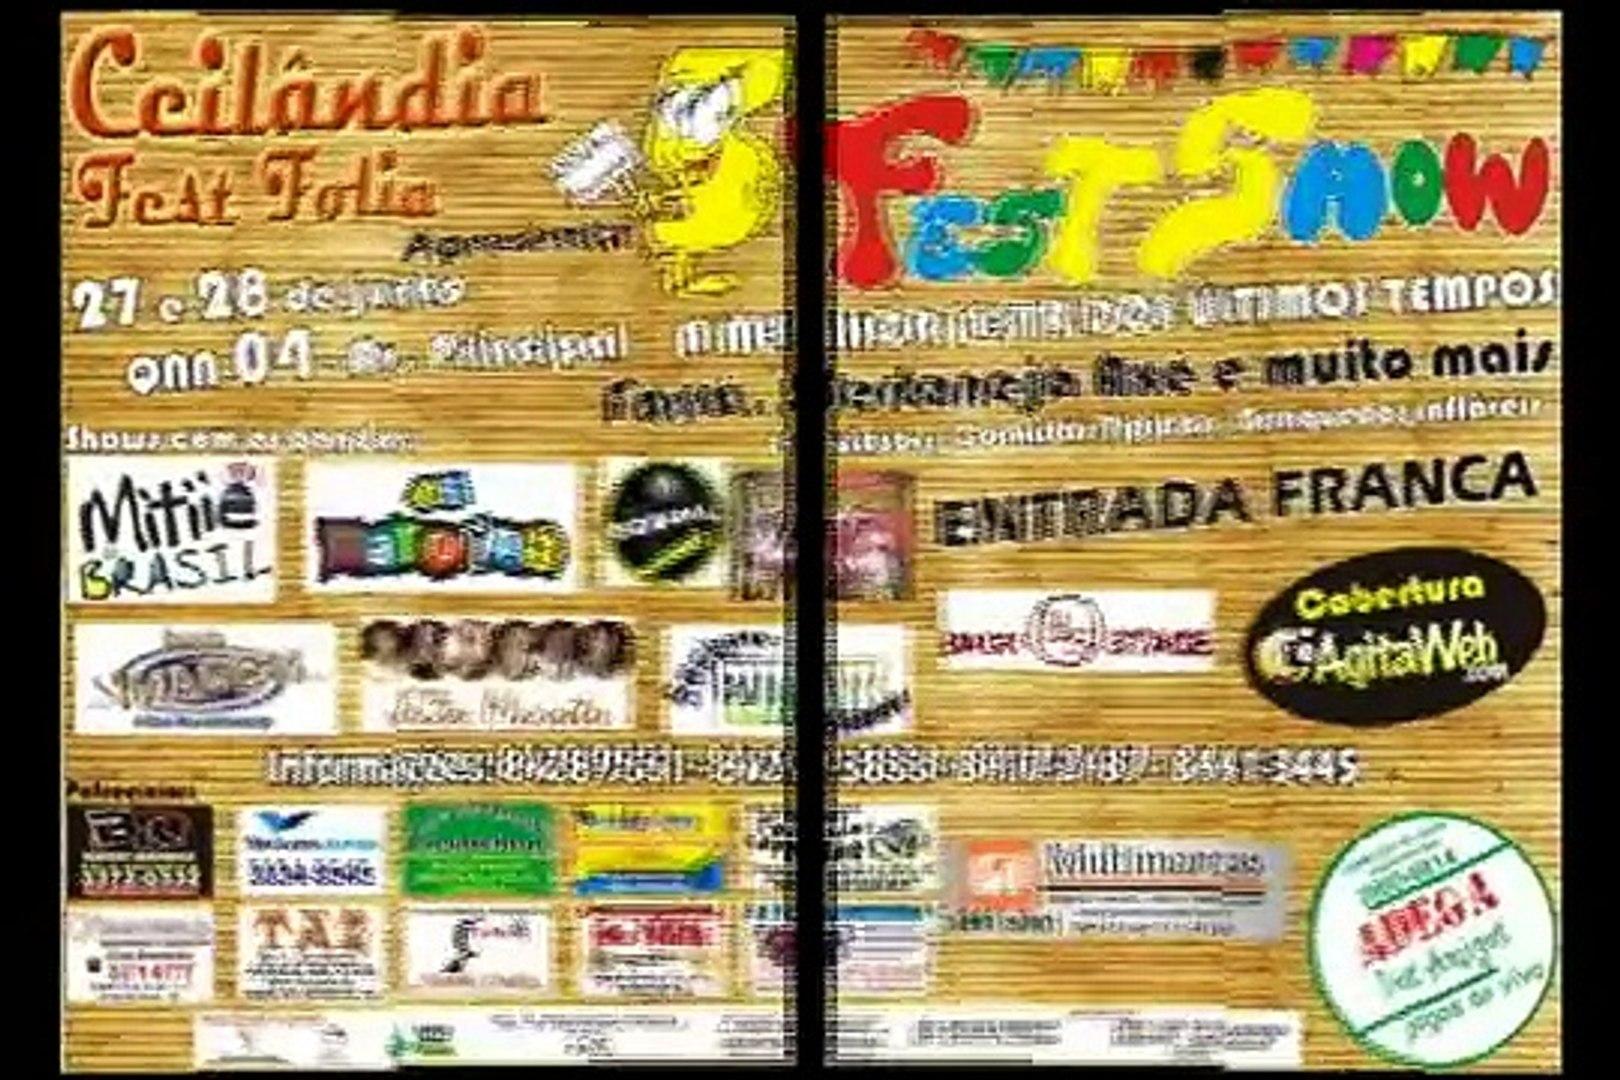 Ceilândia Fest Folia - Dias 27 e 28 de Julho de 2009